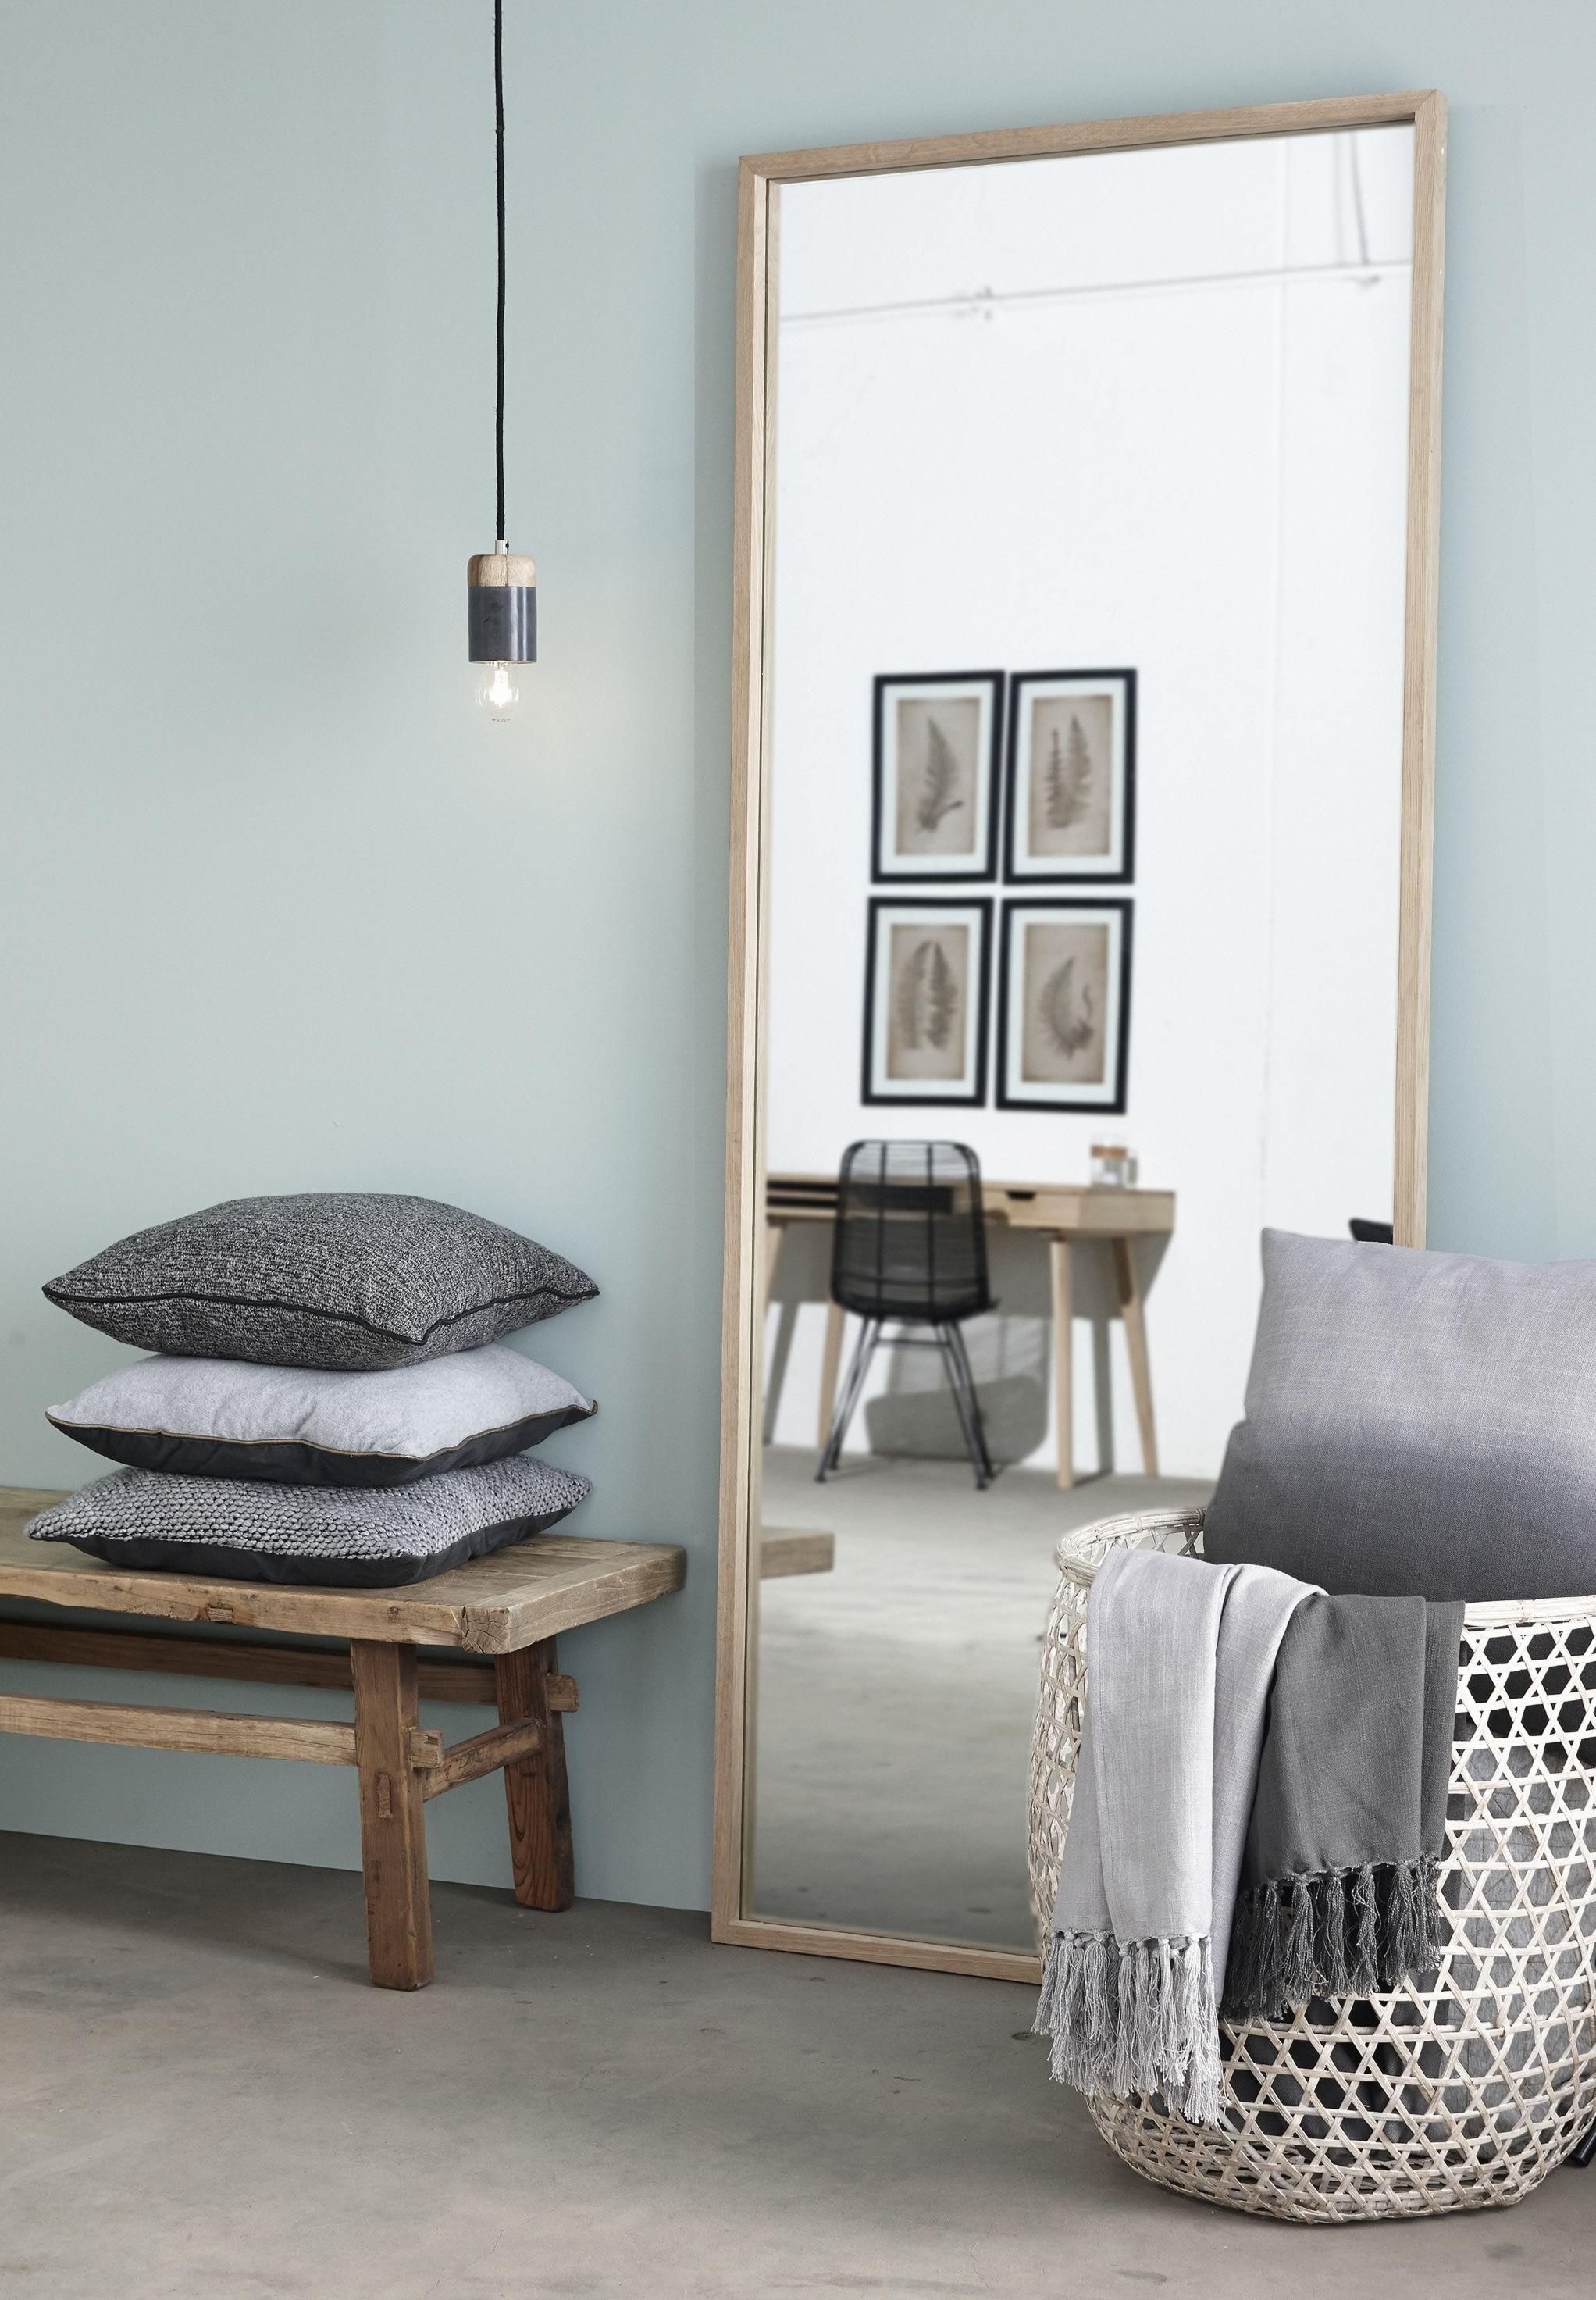 Hubsch voor in huis | Home sweet home | Pinterest | Interiors ...